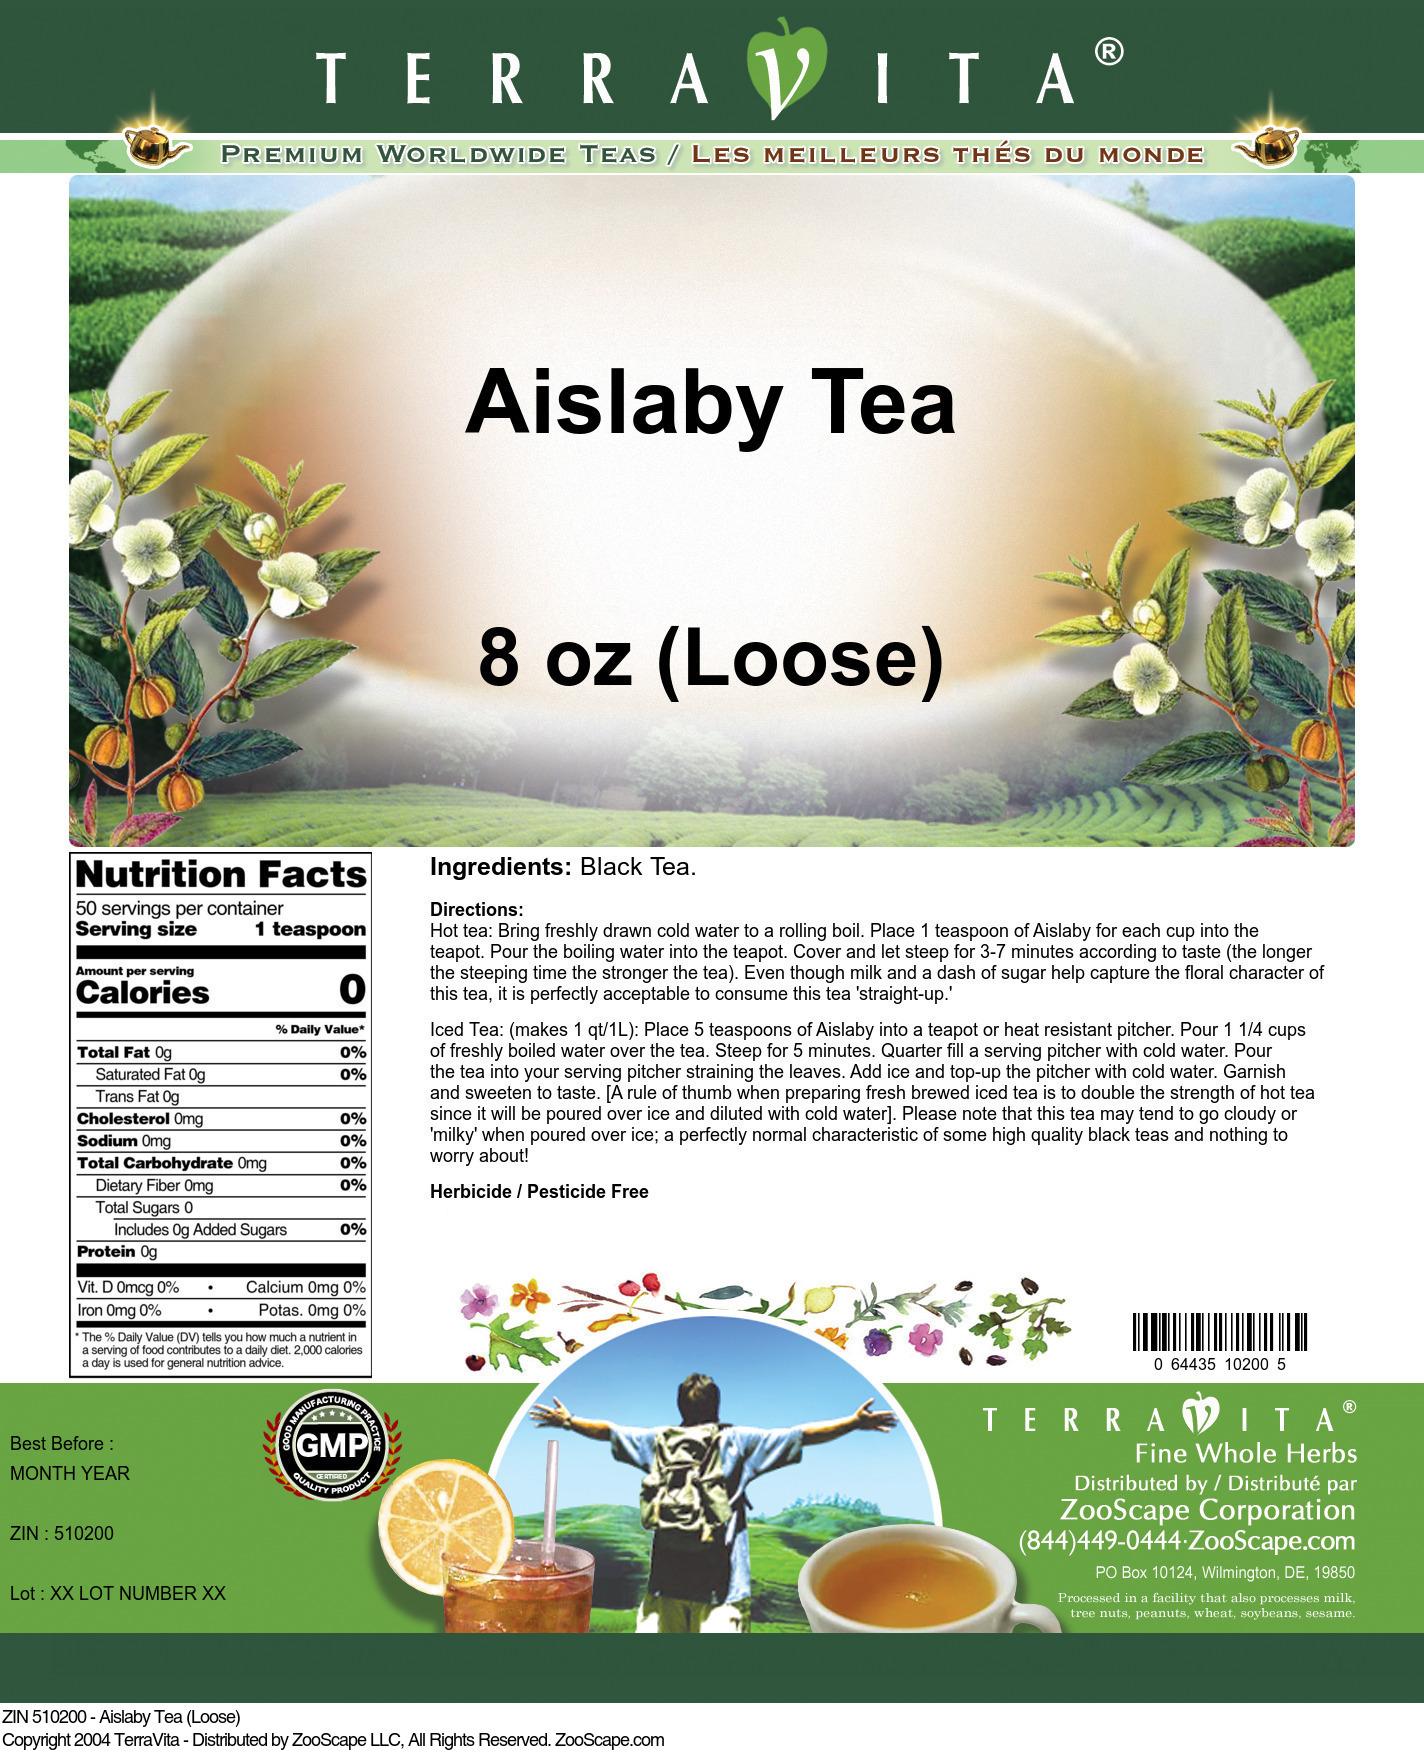 Aislaby Tea (Loose)